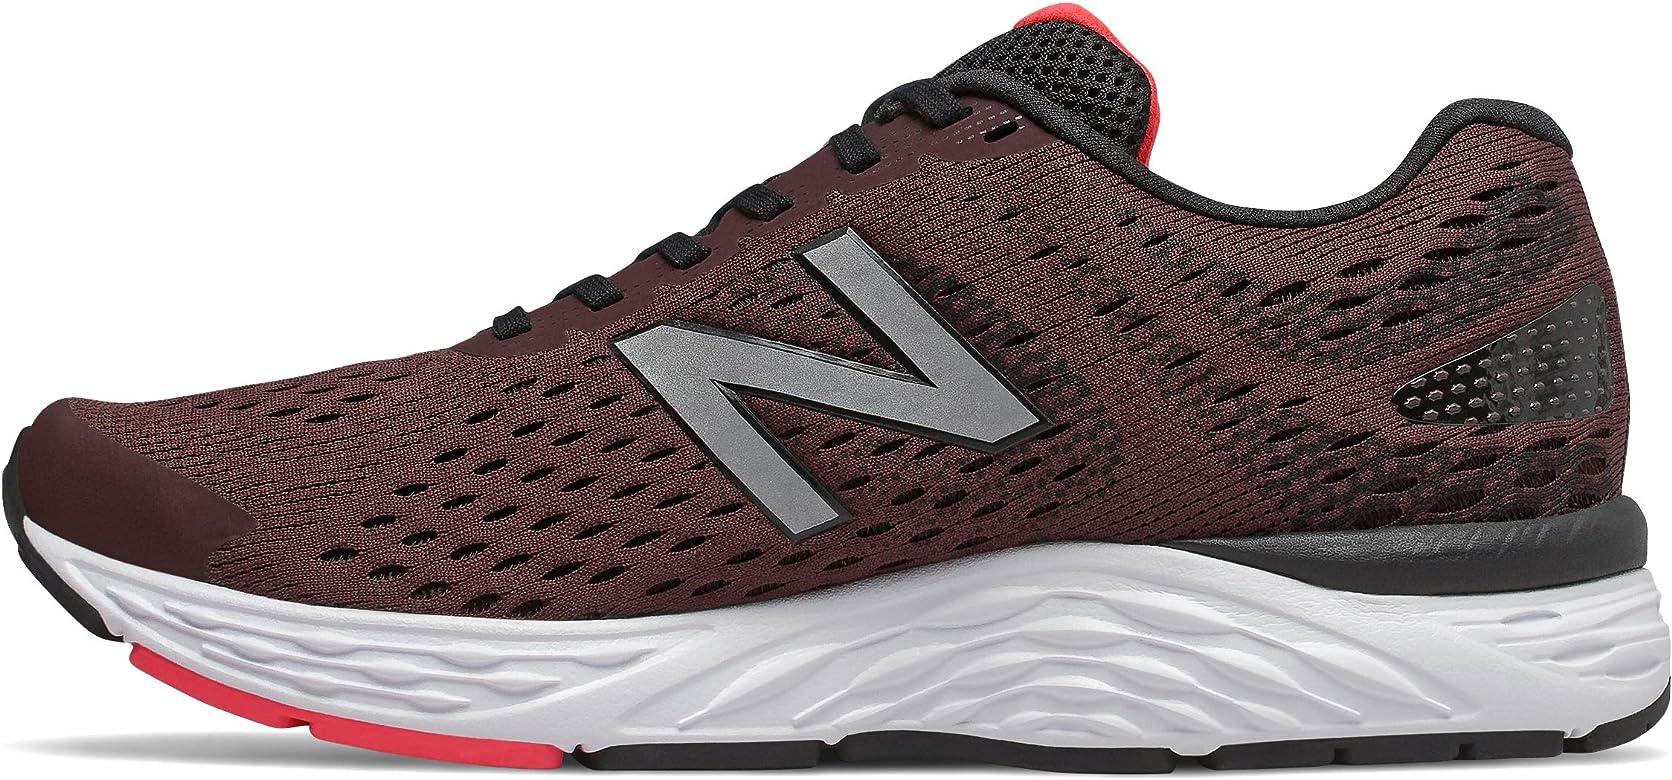 New Balance M680CH6 - Zapatillas de running (extra anchas, ancho 4E, color burdeo), color Rojo, talla 41.5 EU: Amazon.es: Zapatos y complementos